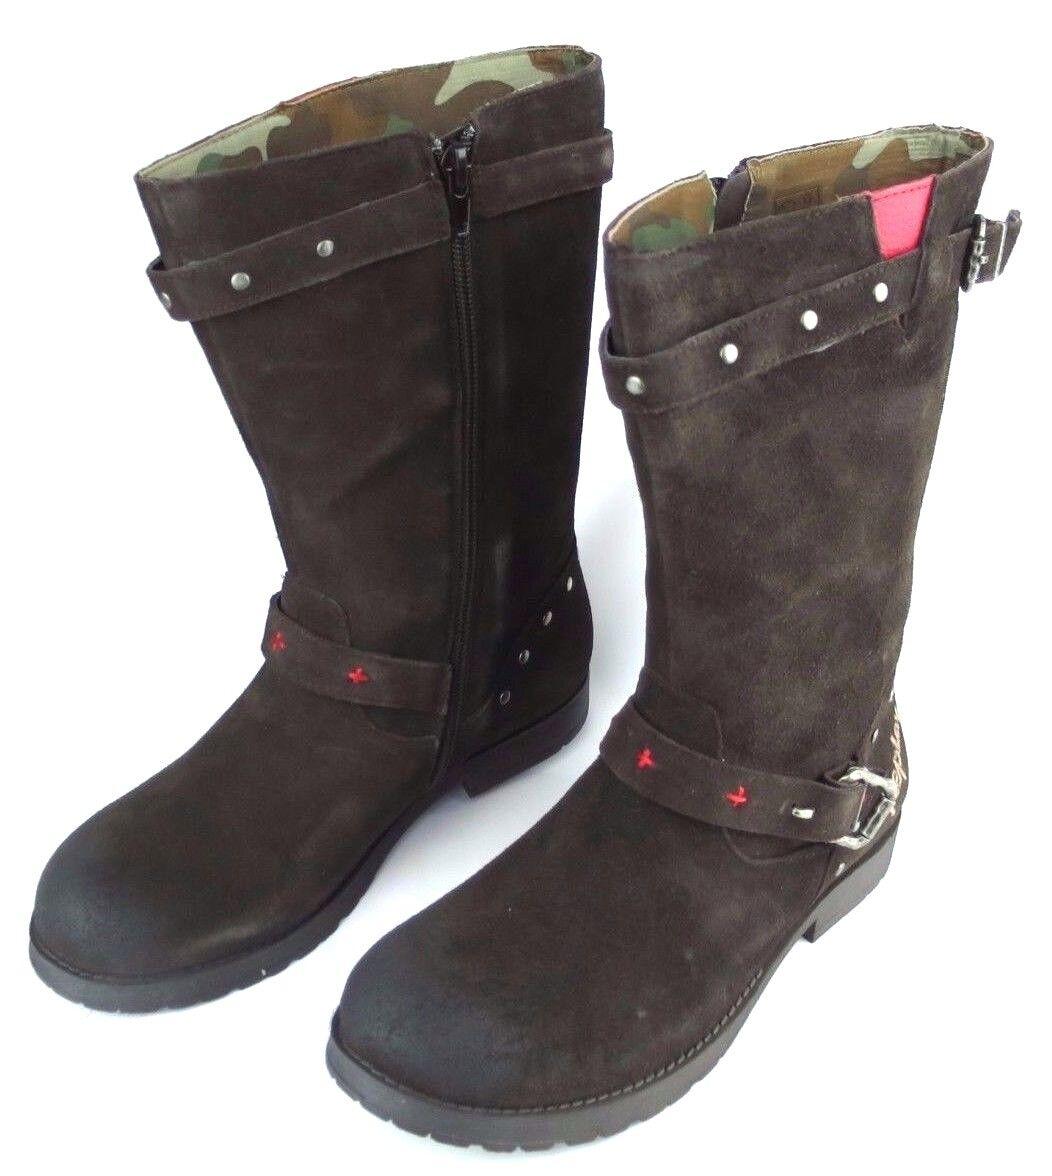 Replay Lichfield Femmes Cuir Chaussures Fille Bottes Woman bottes Marron Nouveau